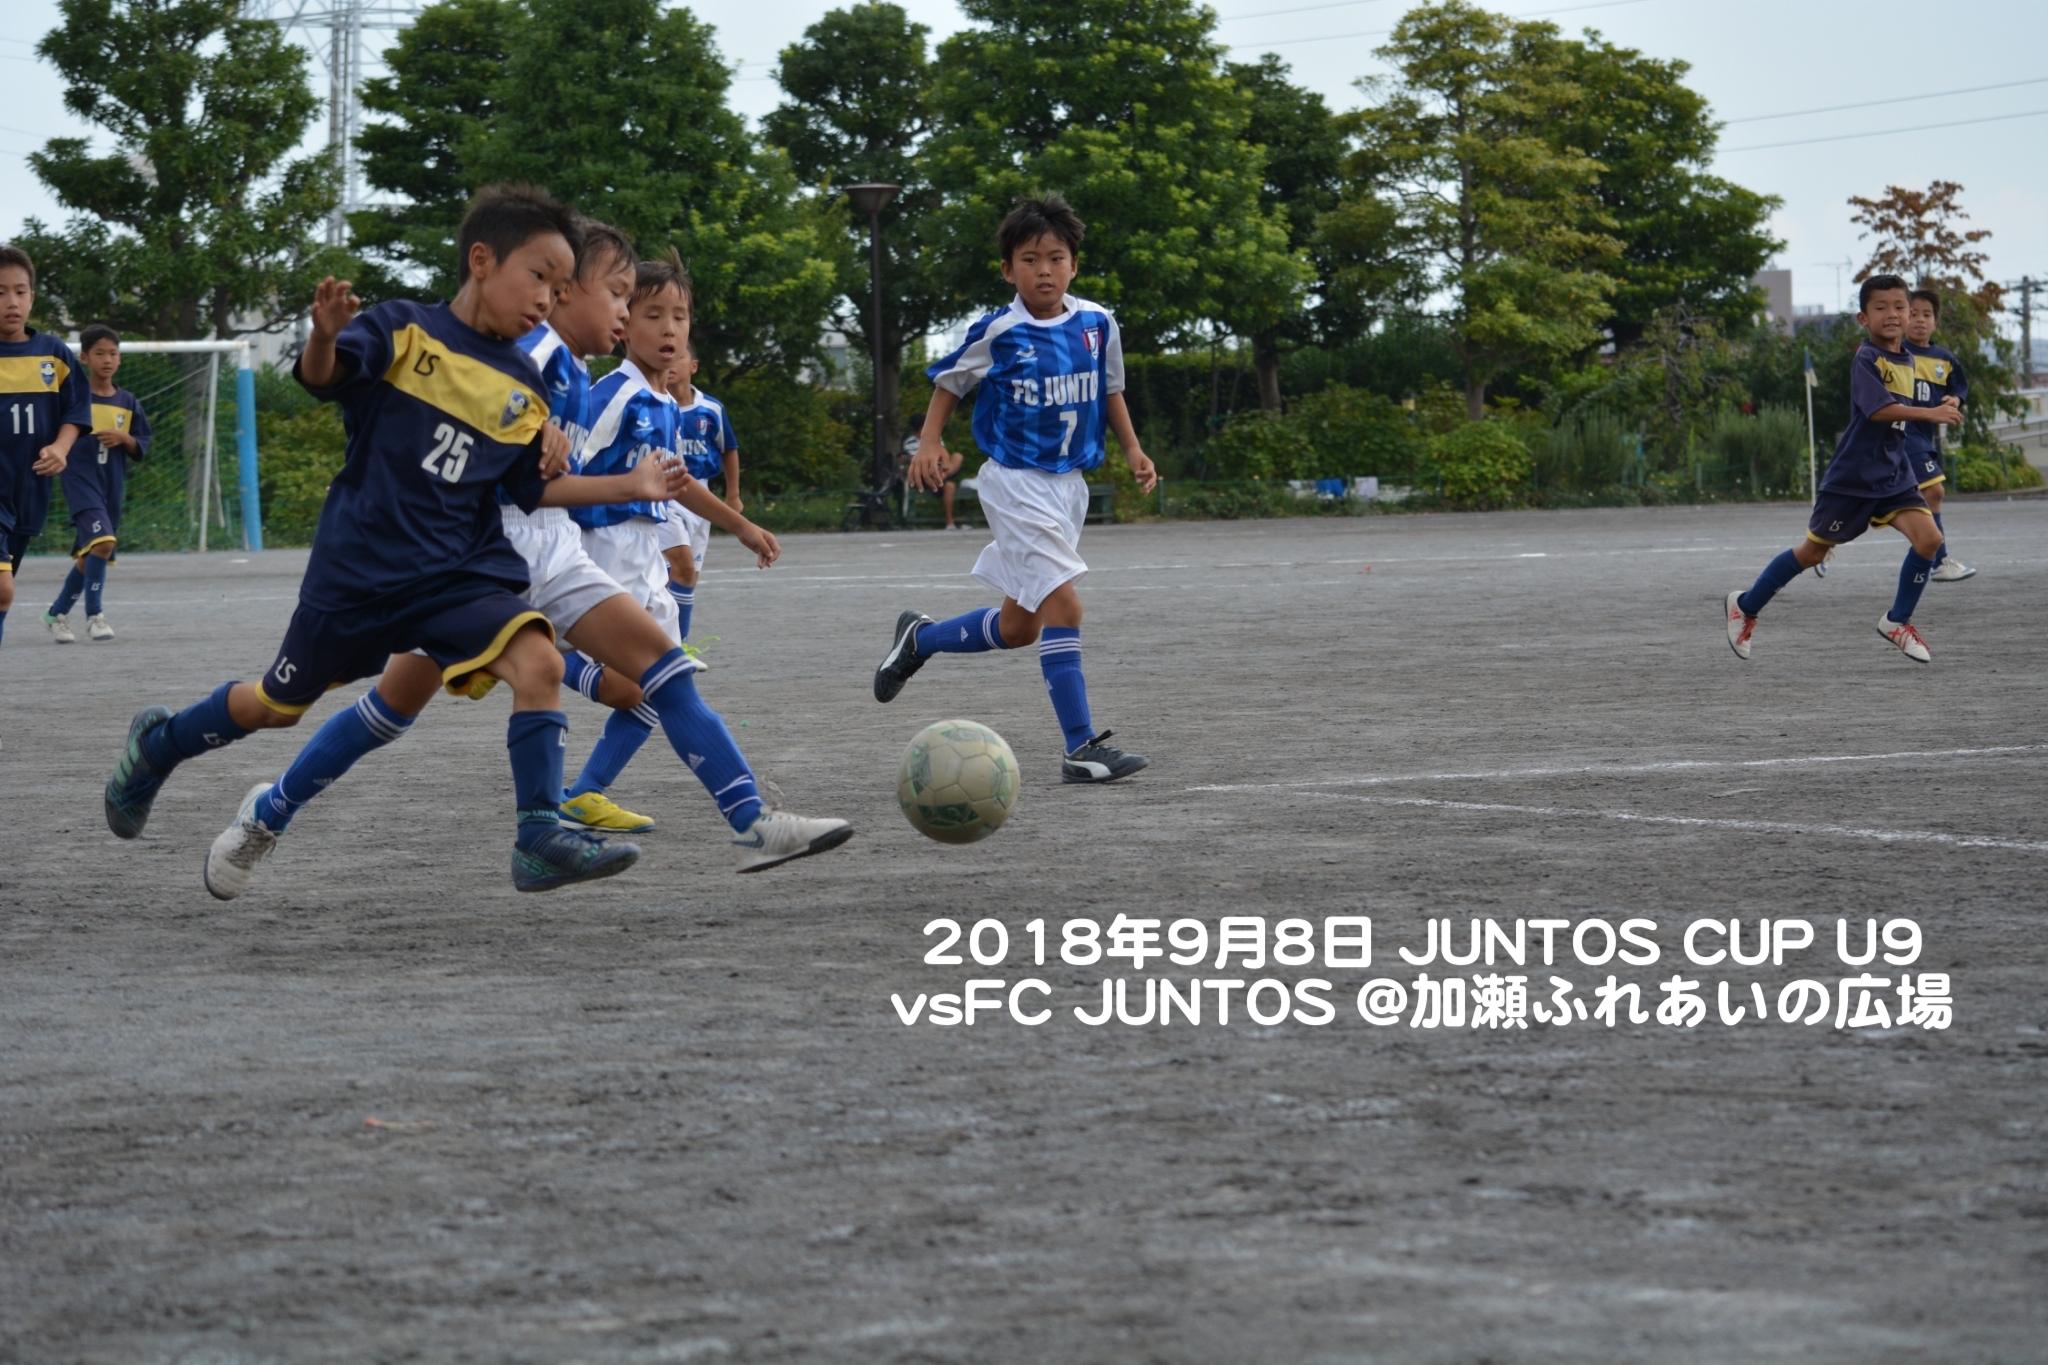 180917 JUNTOS CUP U9_180920_0071